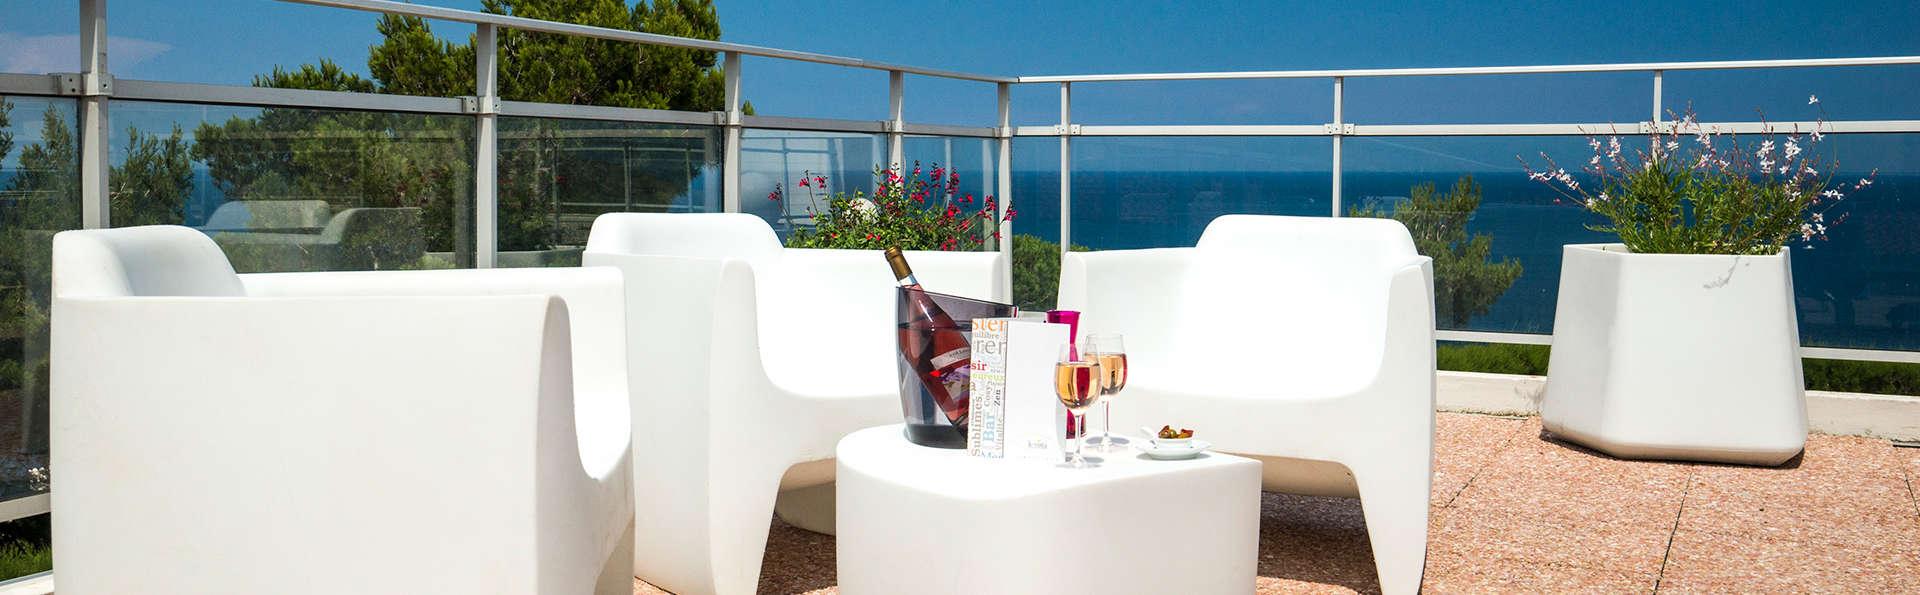 Week-end avec thalasso et dîner vue panoramique à Banyuls-Sur-Mer